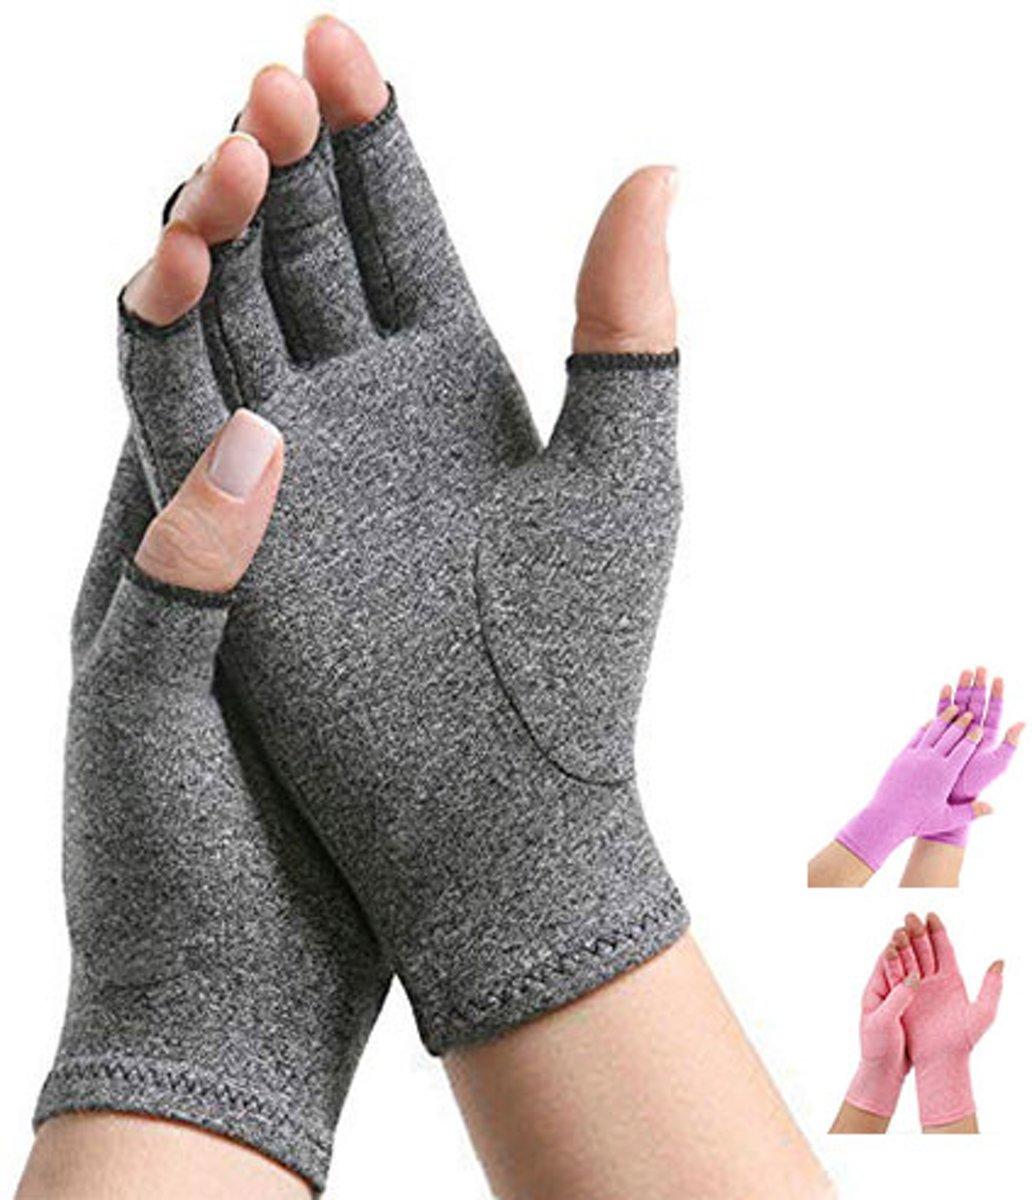 opgezwollen handen tijdens zwangerschapsdiabetes